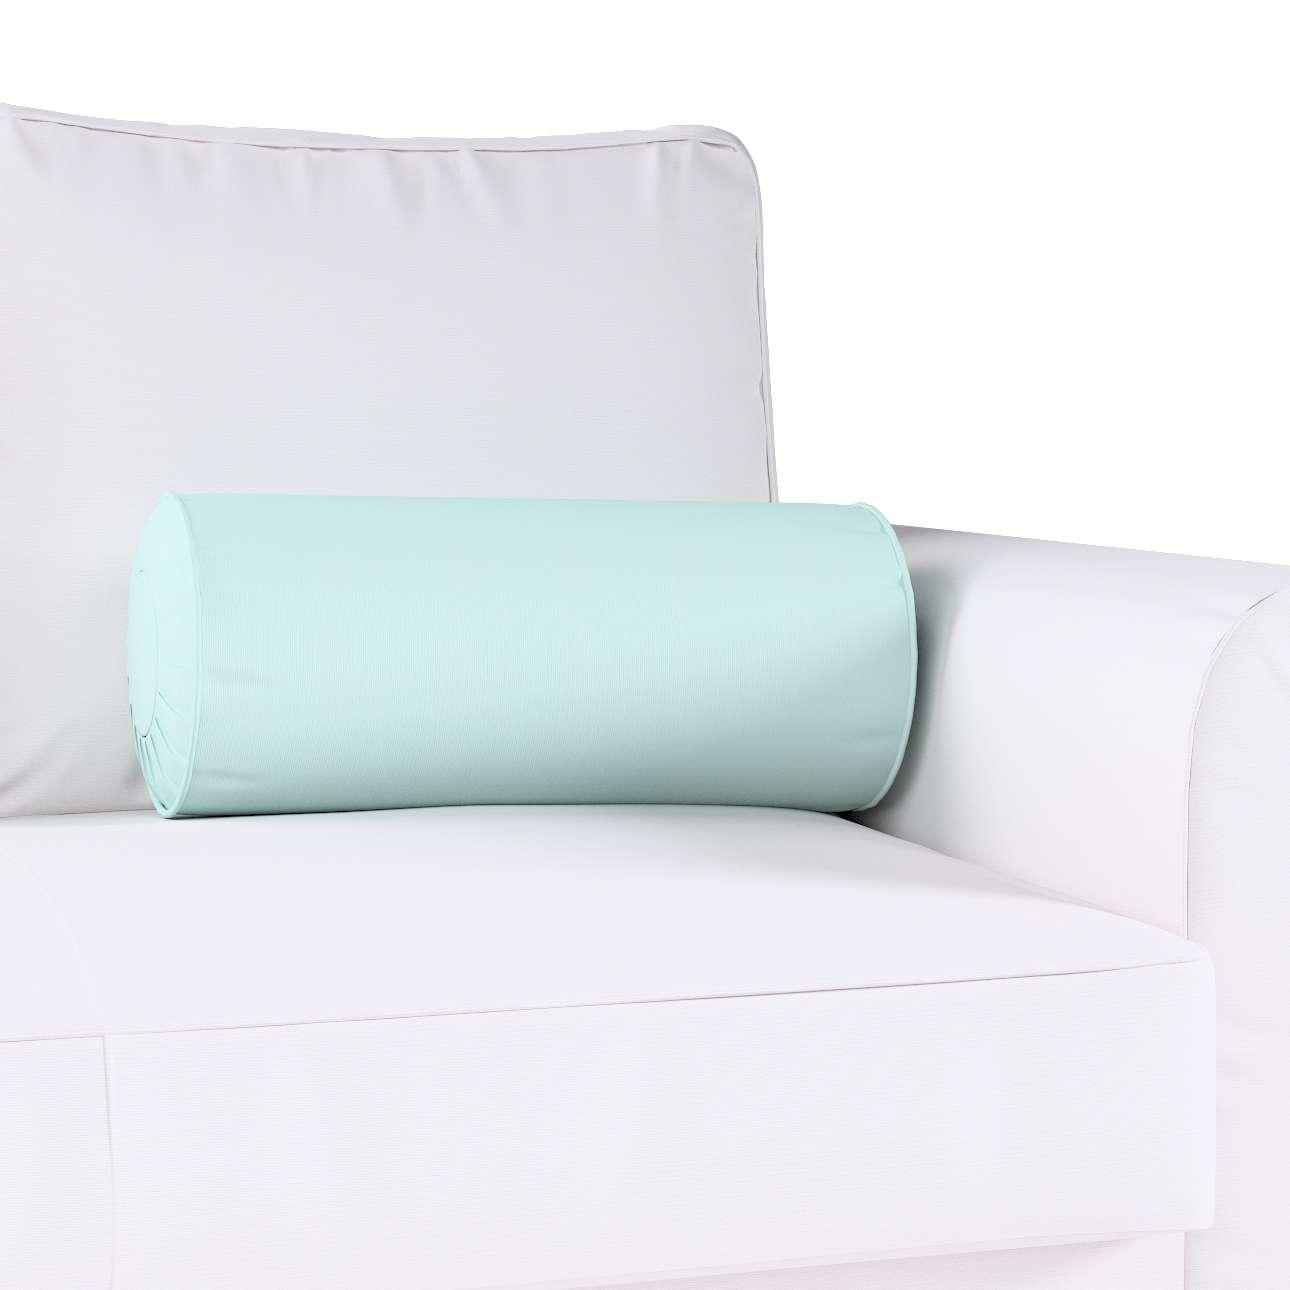 Nakkepute med folder Ø 20 × 50 cm fra kolleksjonen Cotton Panama, Stoffets bredde: 702-10